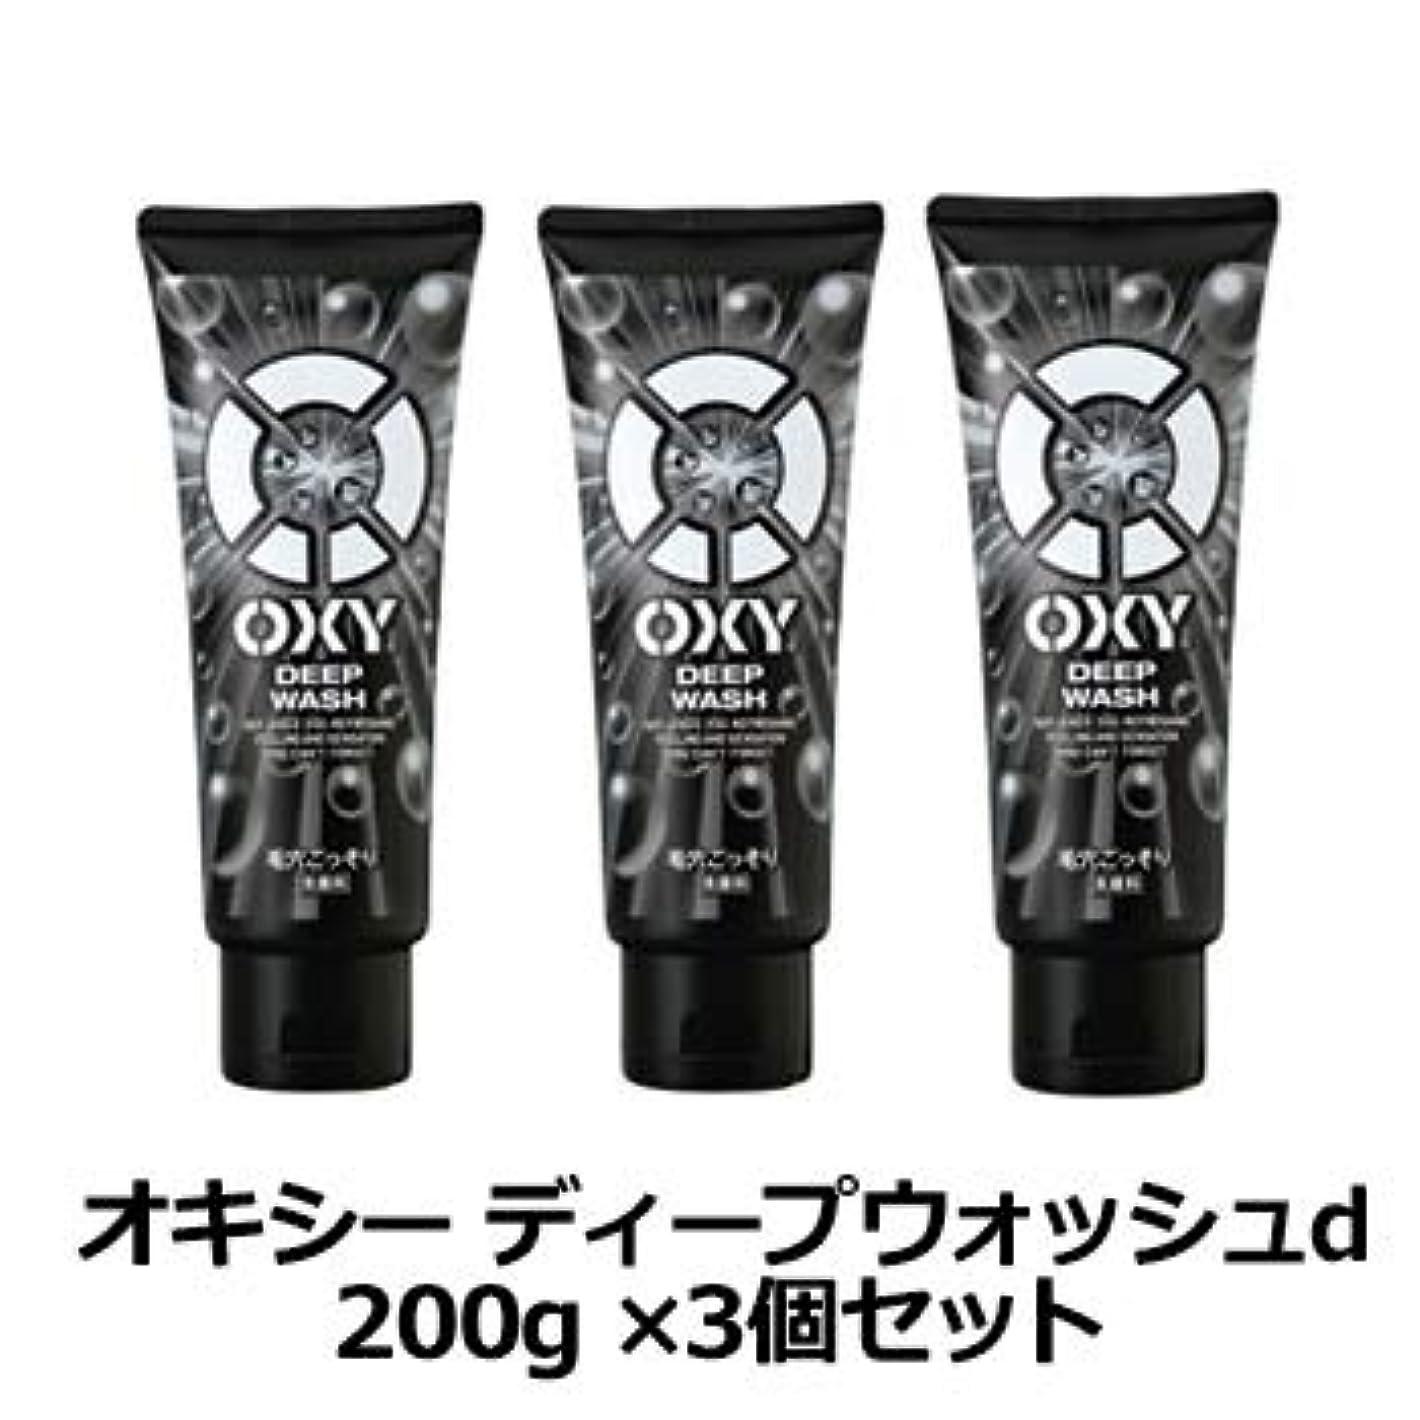 忍耐刑務所類人猿オキシー ディープウォッシュ 200g ×3個セット